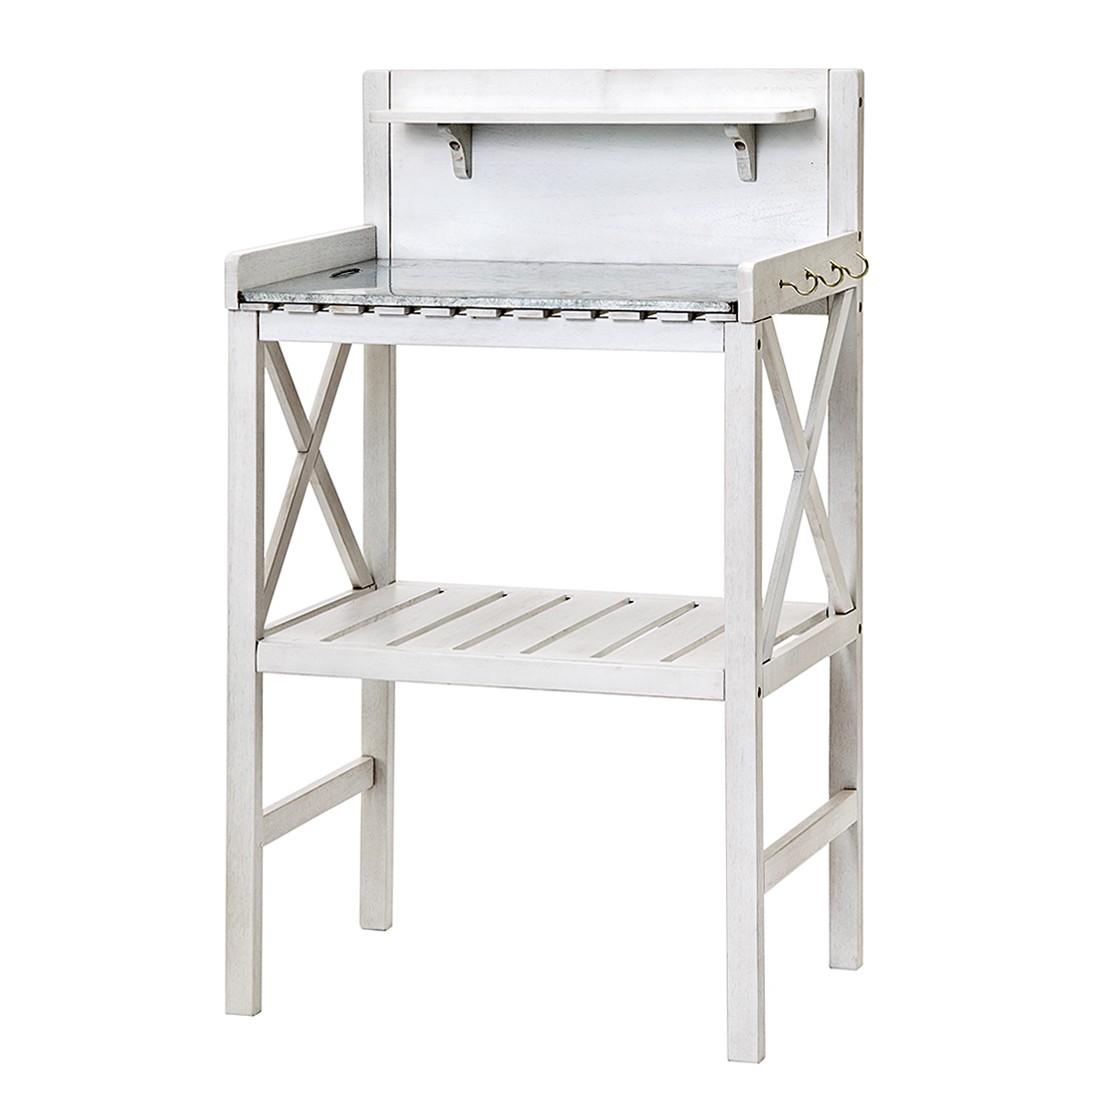 pflanztisch klappbar mit verzinkter arbeitsfl che 45 cm x. Black Bedroom Furniture Sets. Home Design Ideas